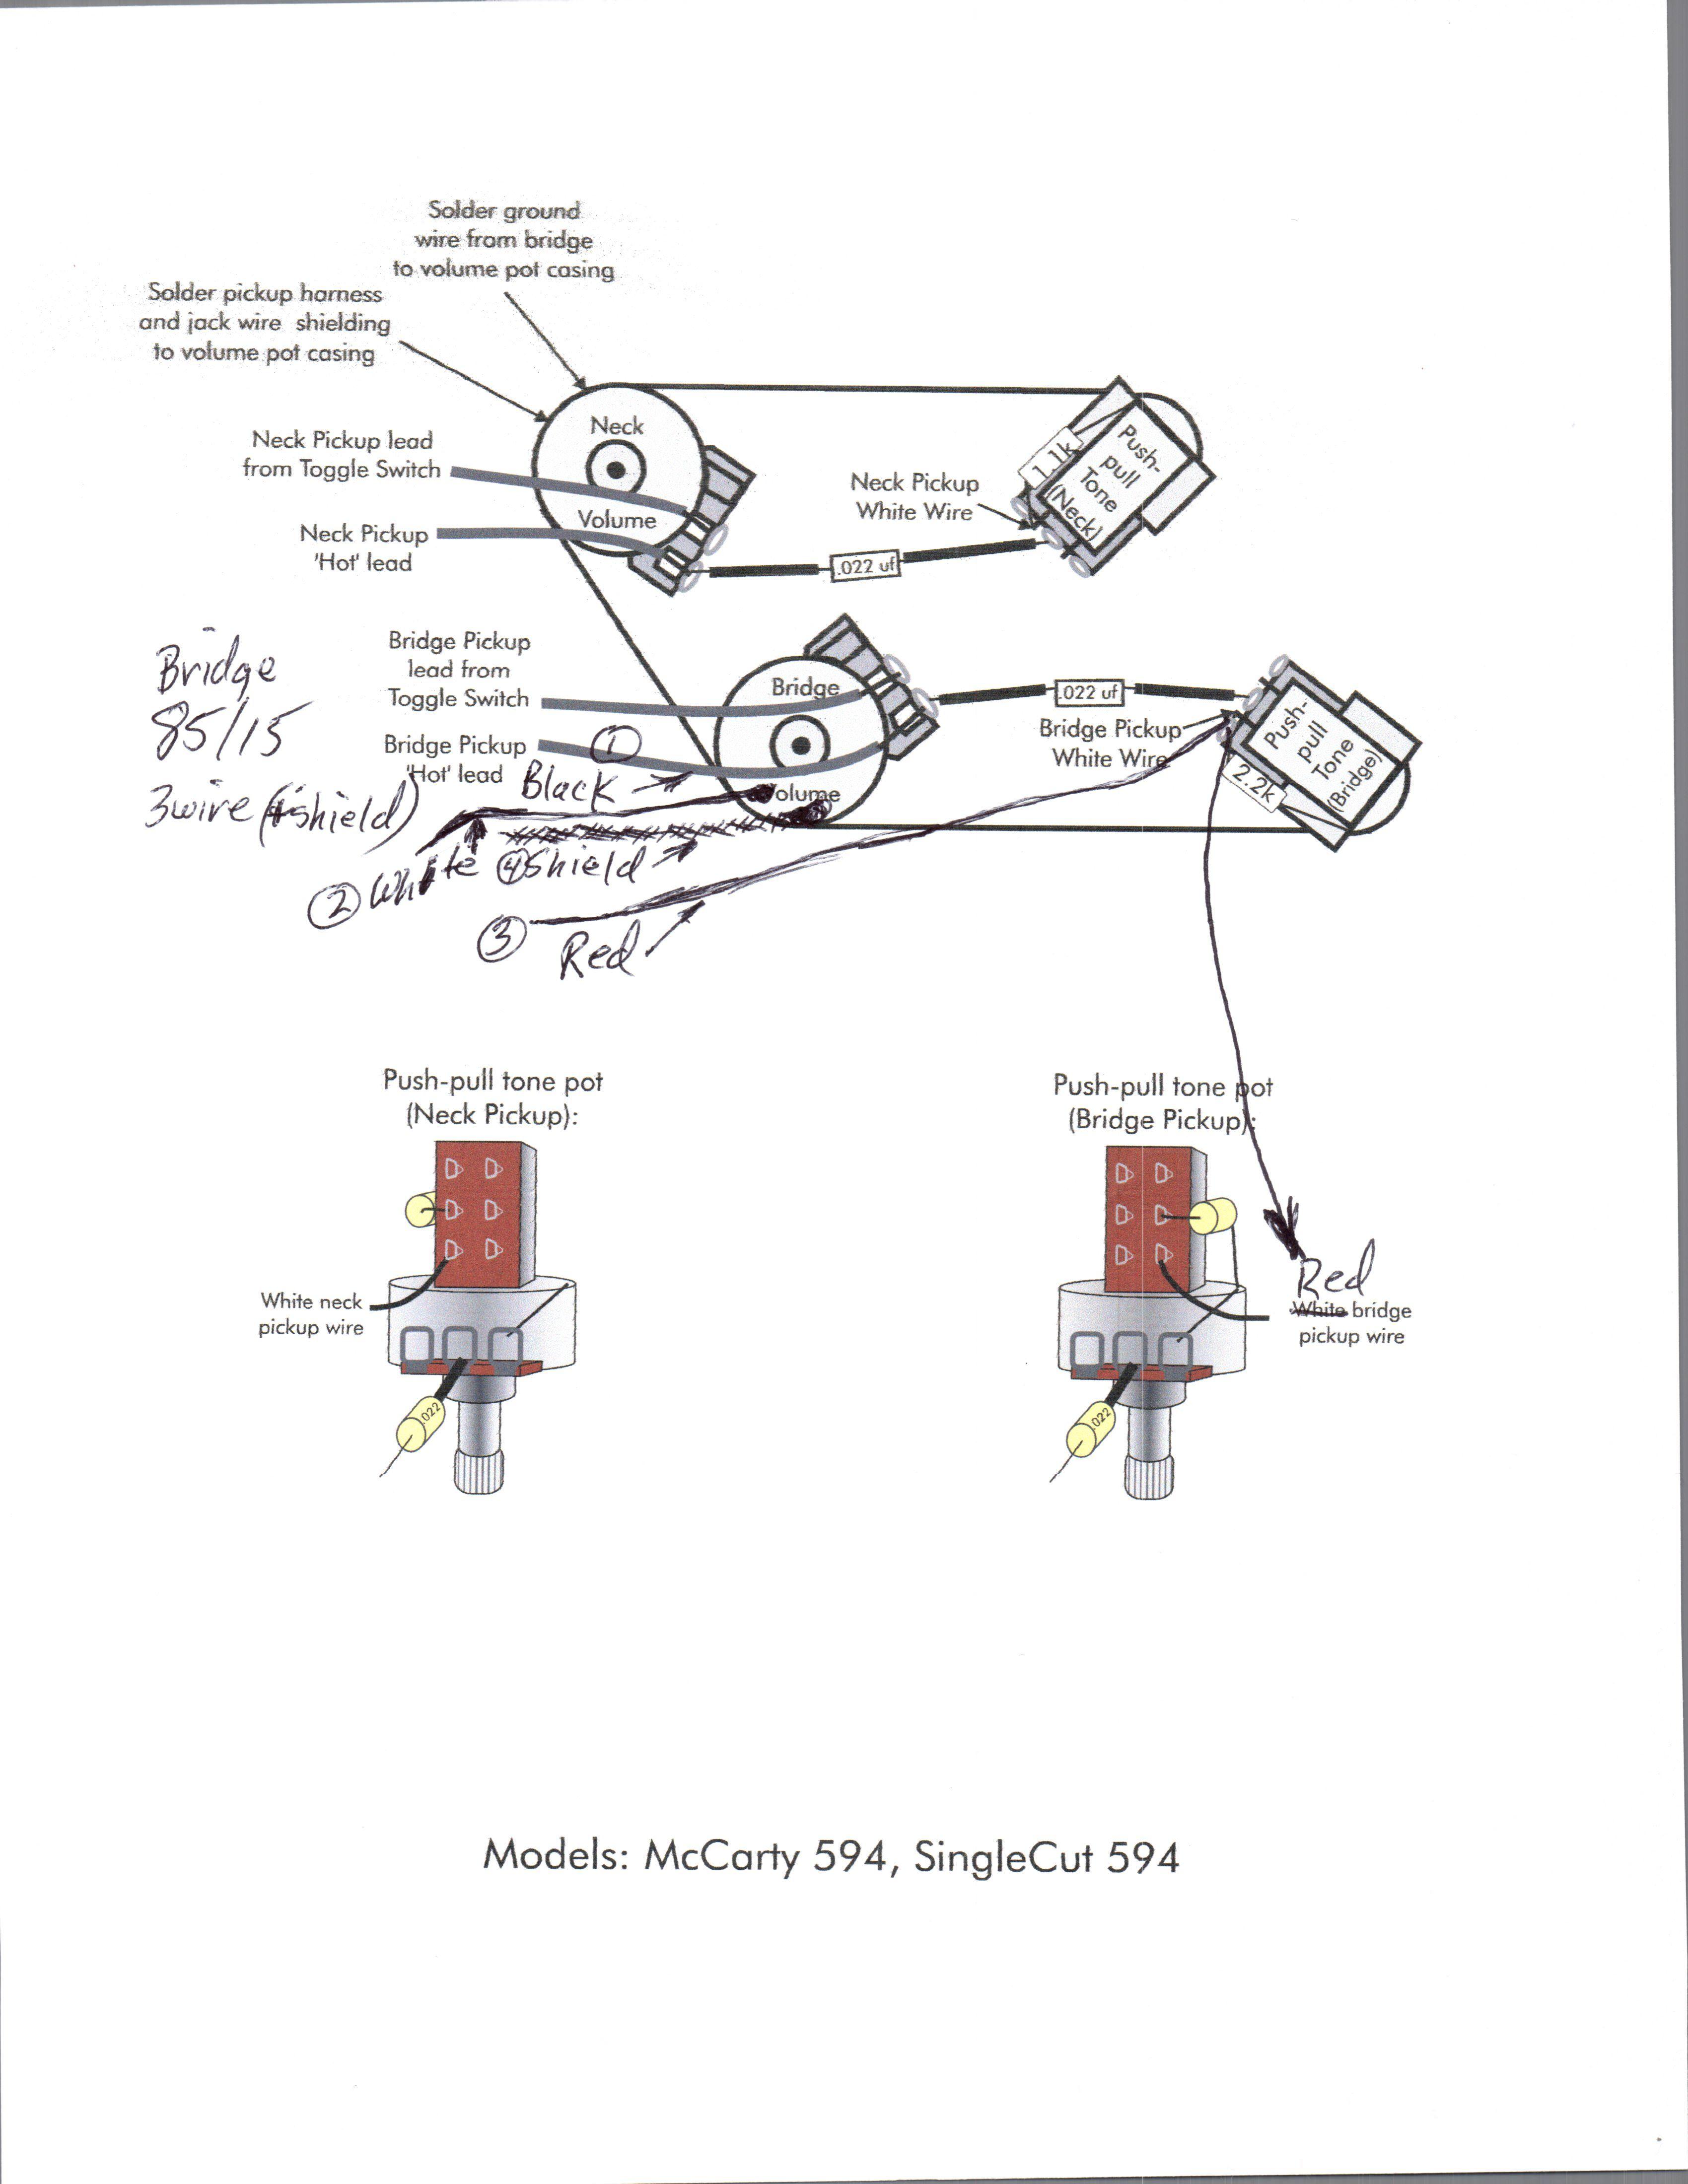 prs s2 wiring diagram wiring diagramprs s2 wiring diagram wiring diagram toolboxprs wiring diagram wiring diagram [ 3400 x 4400 Pixel ]